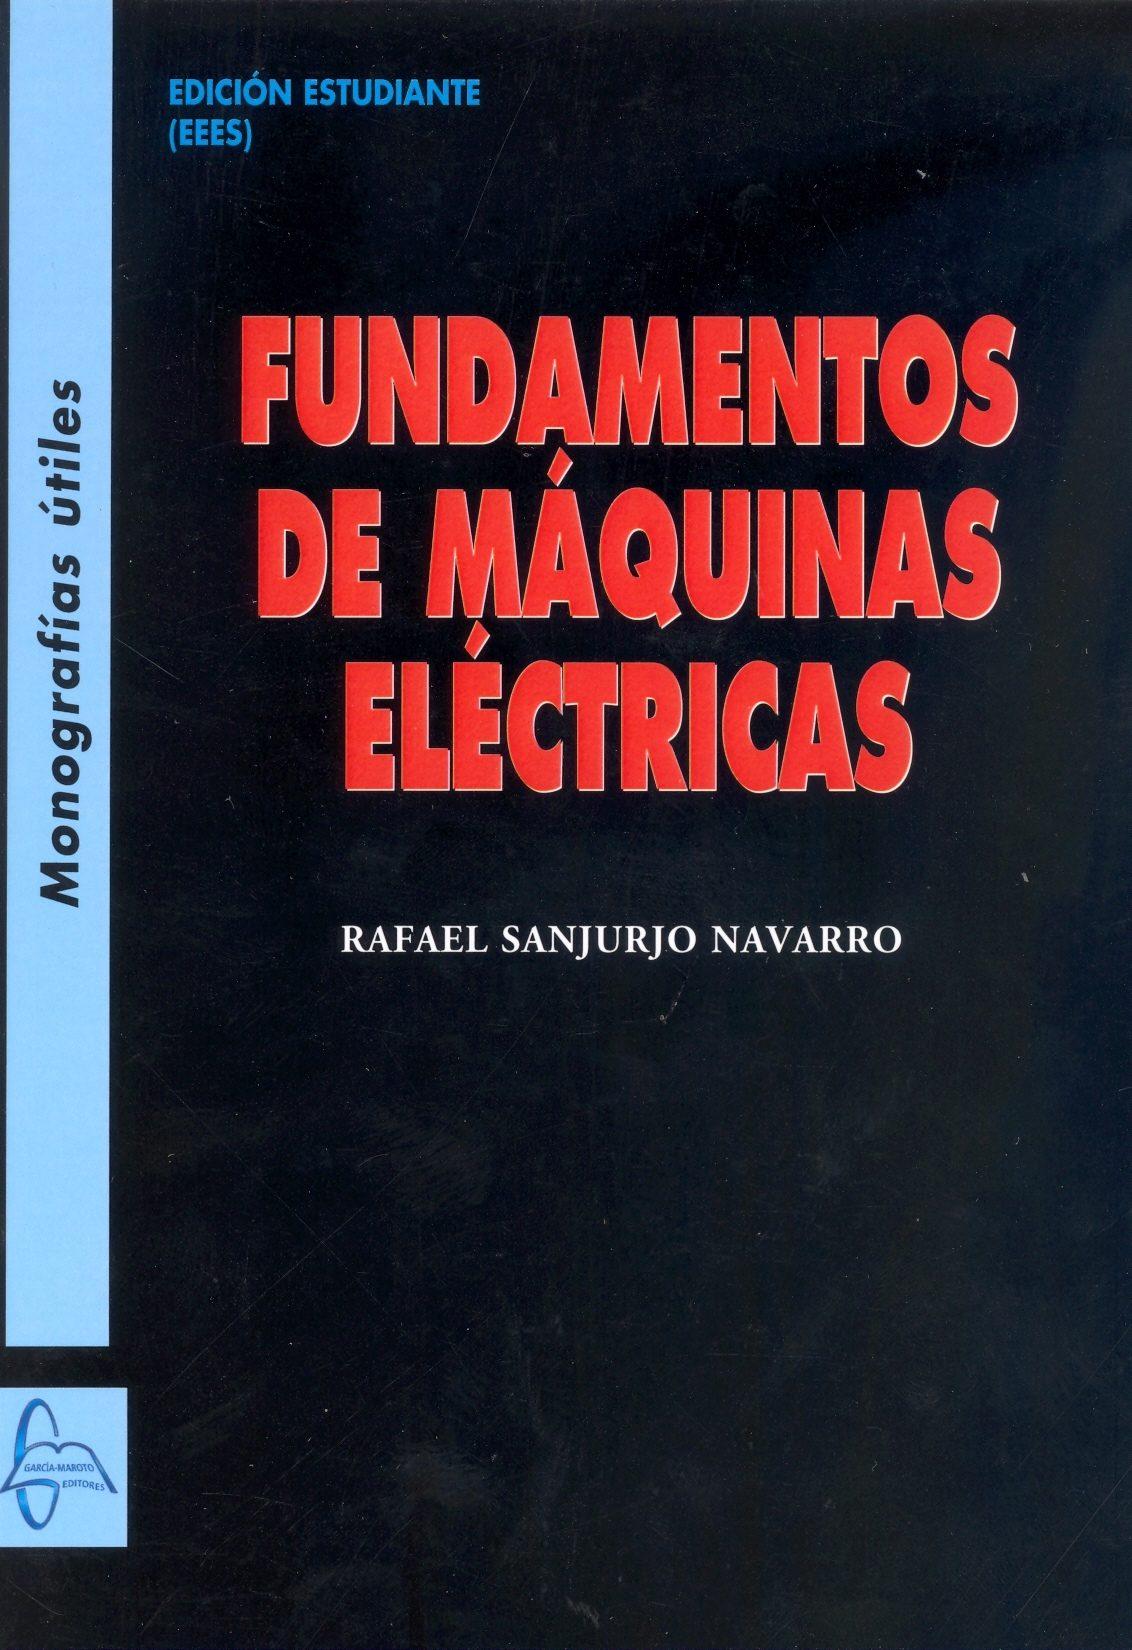 FUNDAMENTOS DE MAQUINAS ELECTRICAS   RAFAEL SANJURJO NAVARRO ...